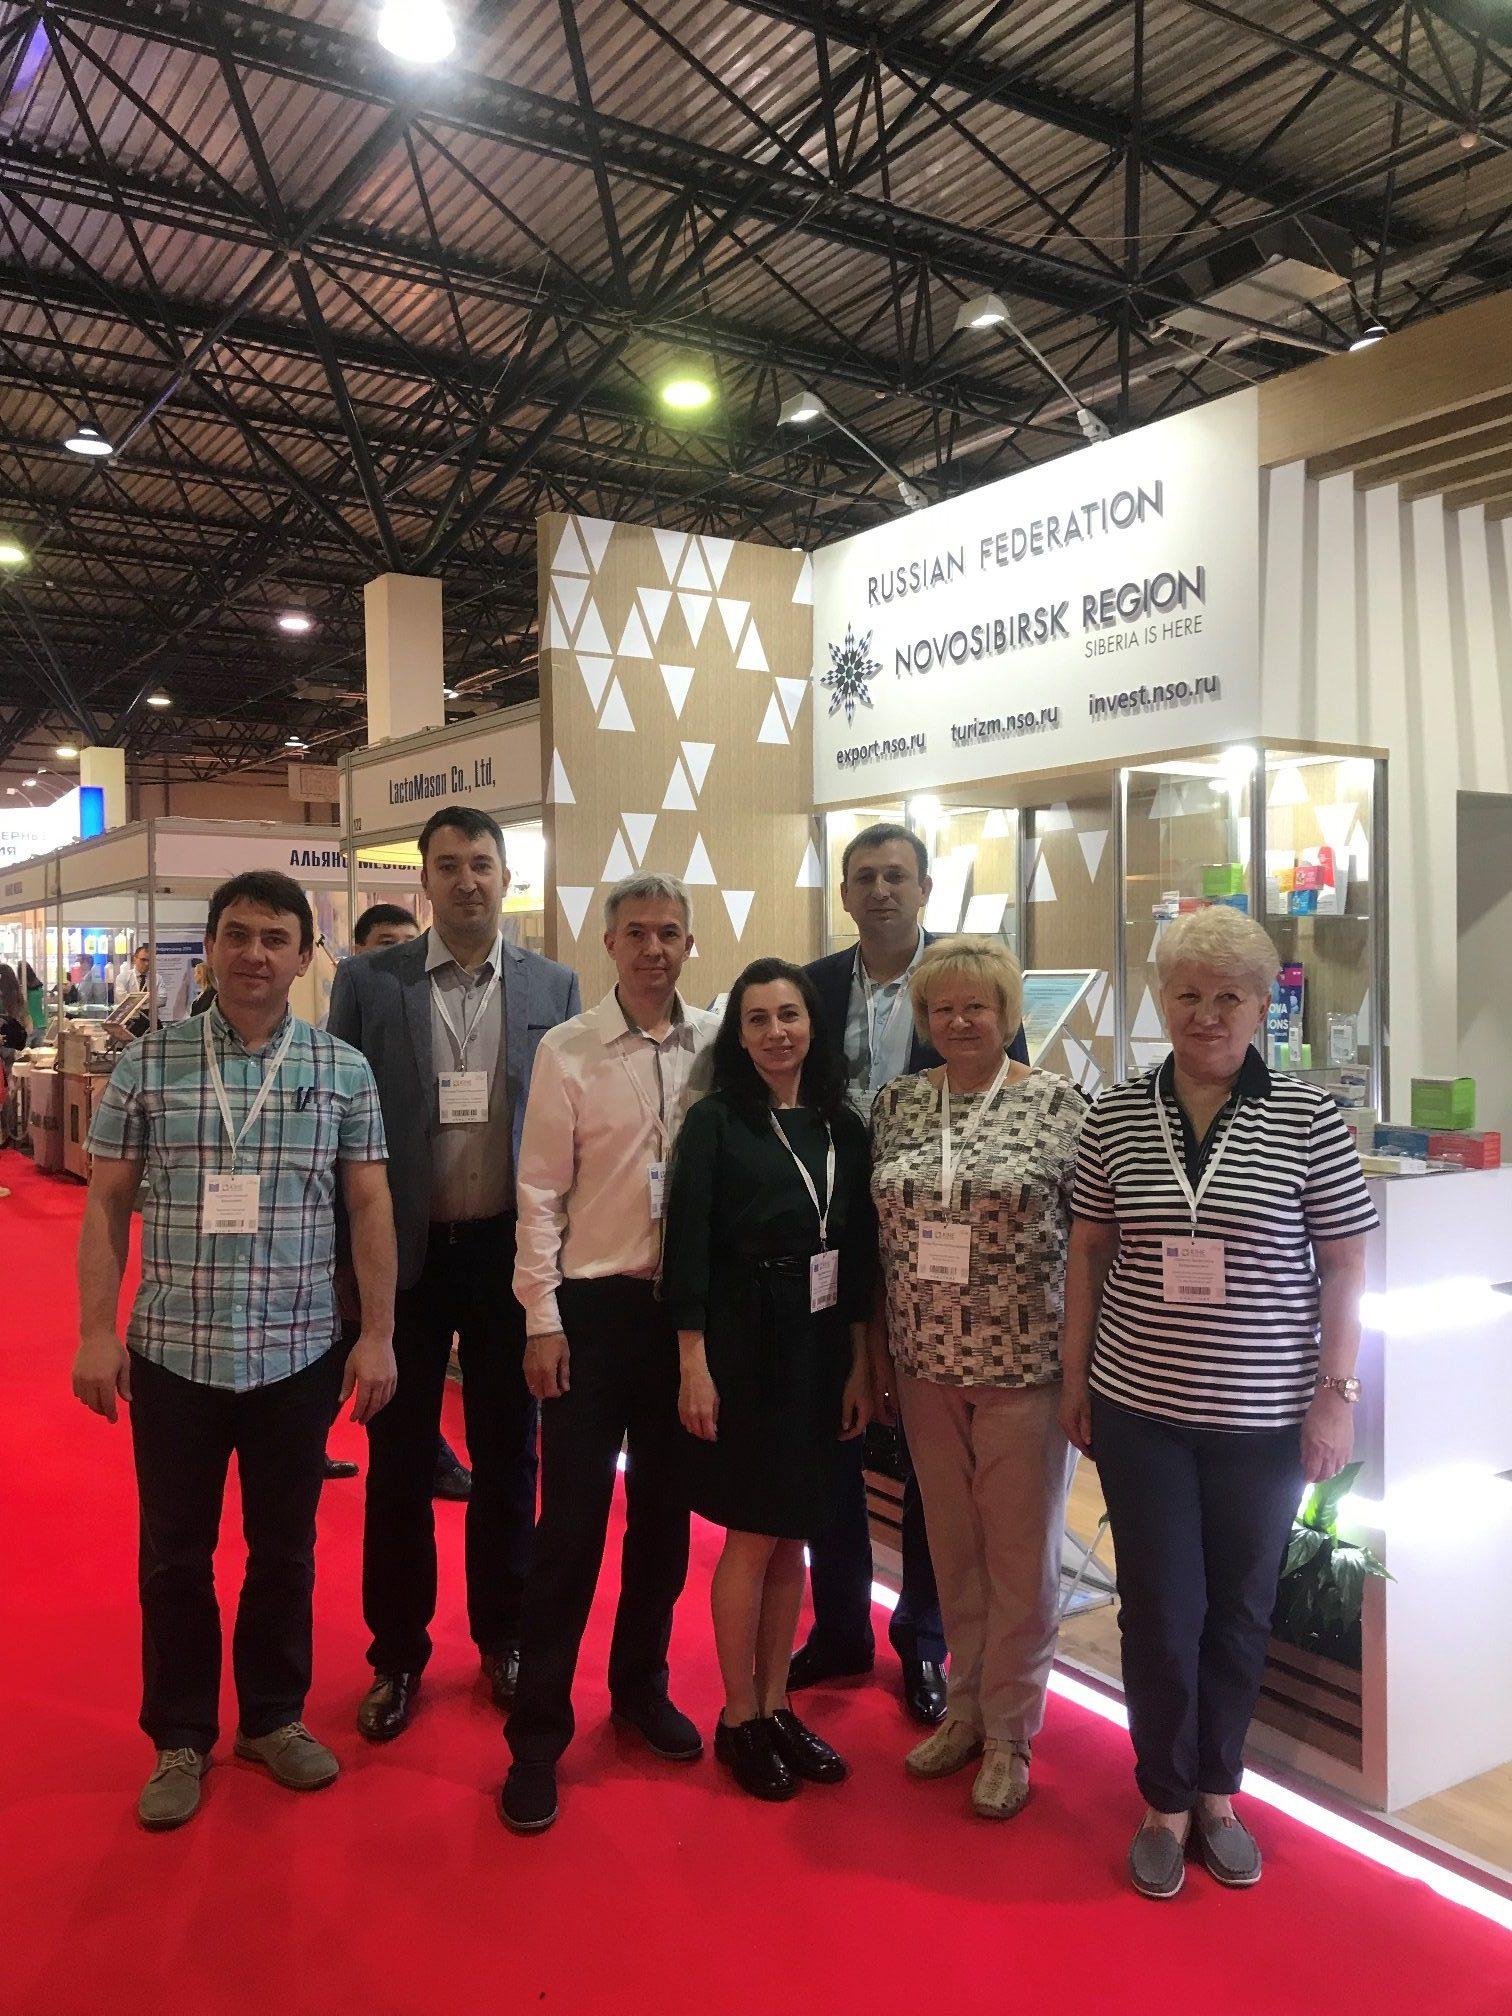 Новосибирские экспортеры презентовали современные разработки в медицине на Казахстанской международной выставке «Здравоохранение» - KIHE